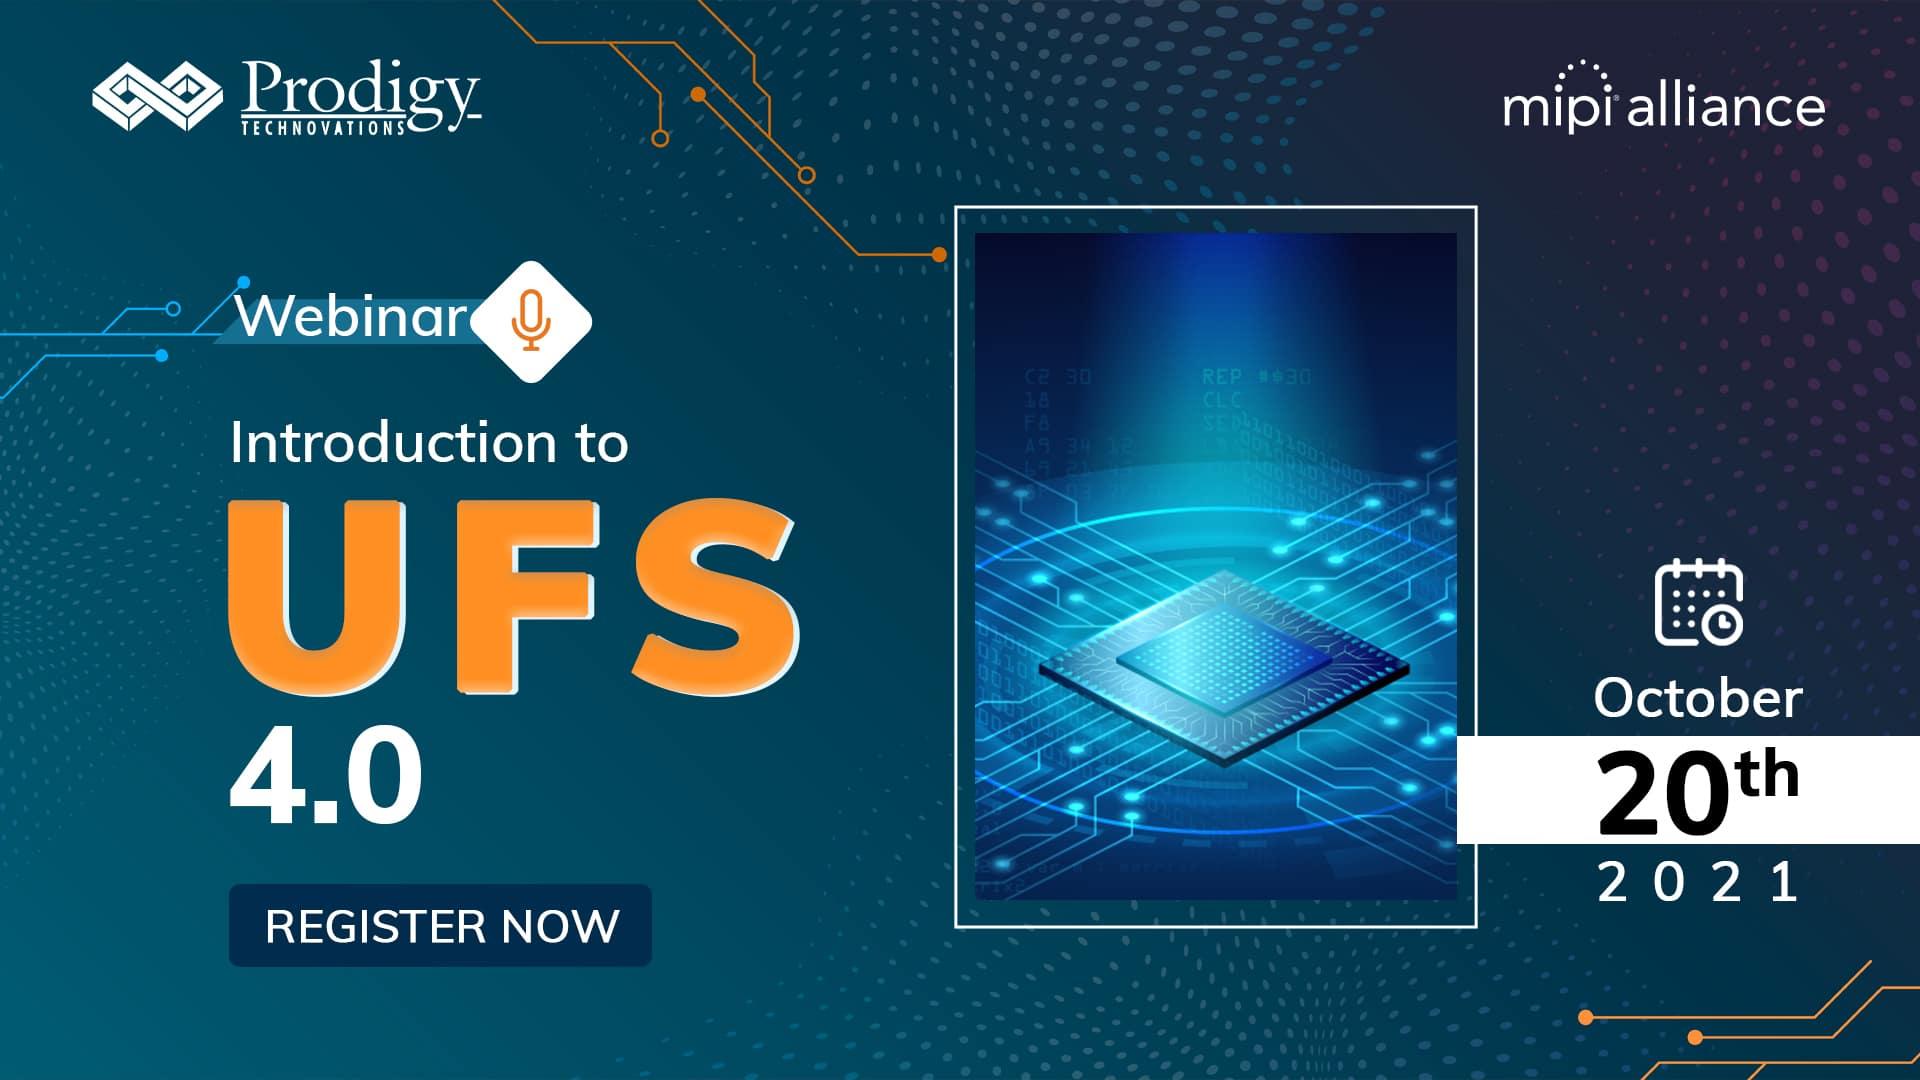 Prodigy UFS-4